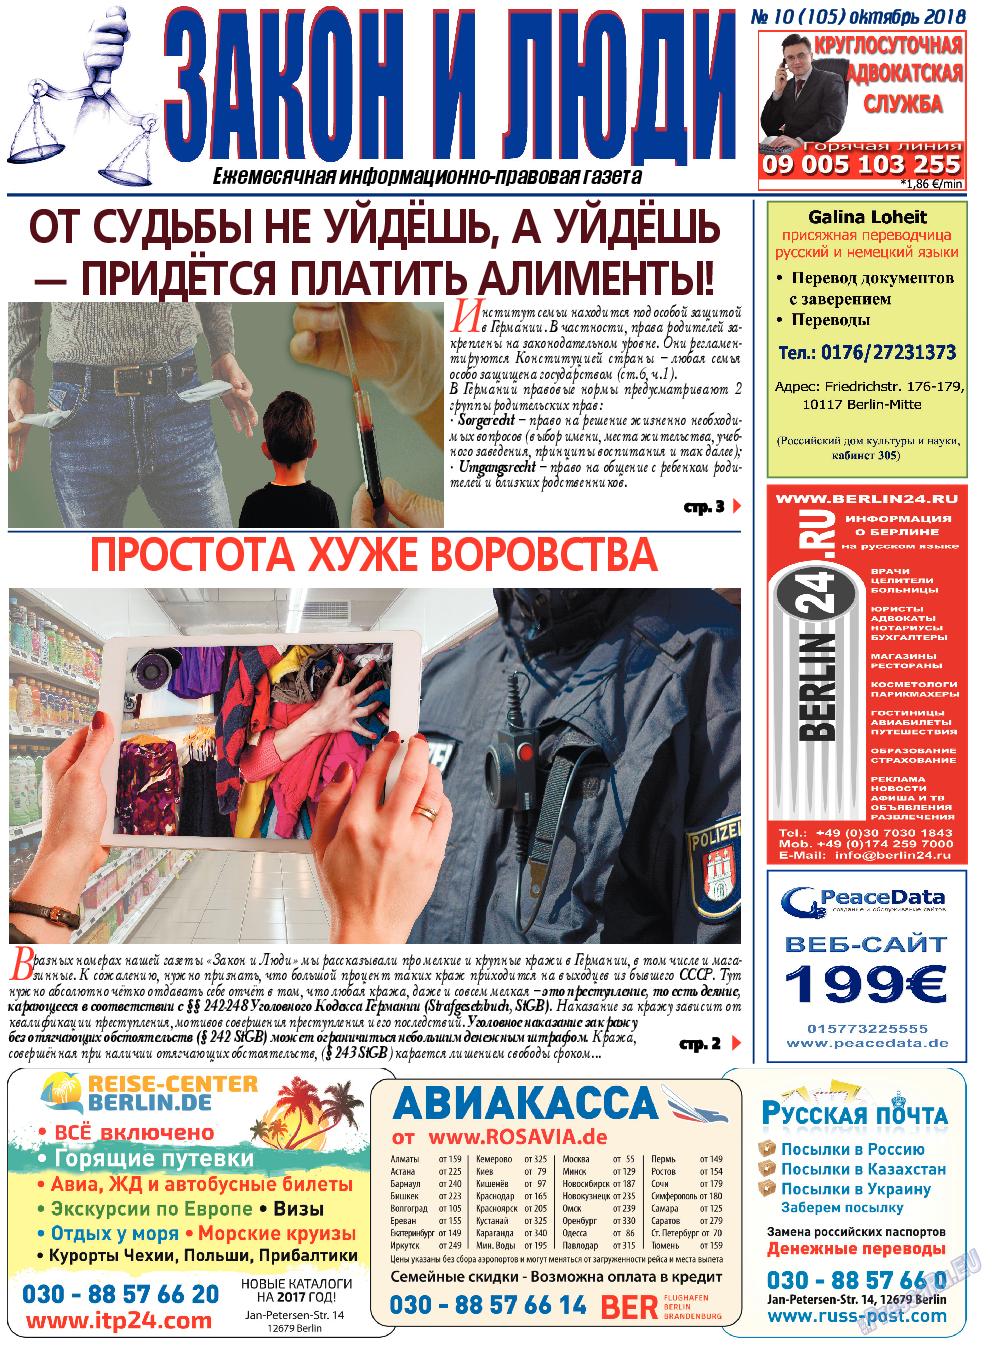 Закон и люди (газета). 2018 год, номер 10, стр. 1